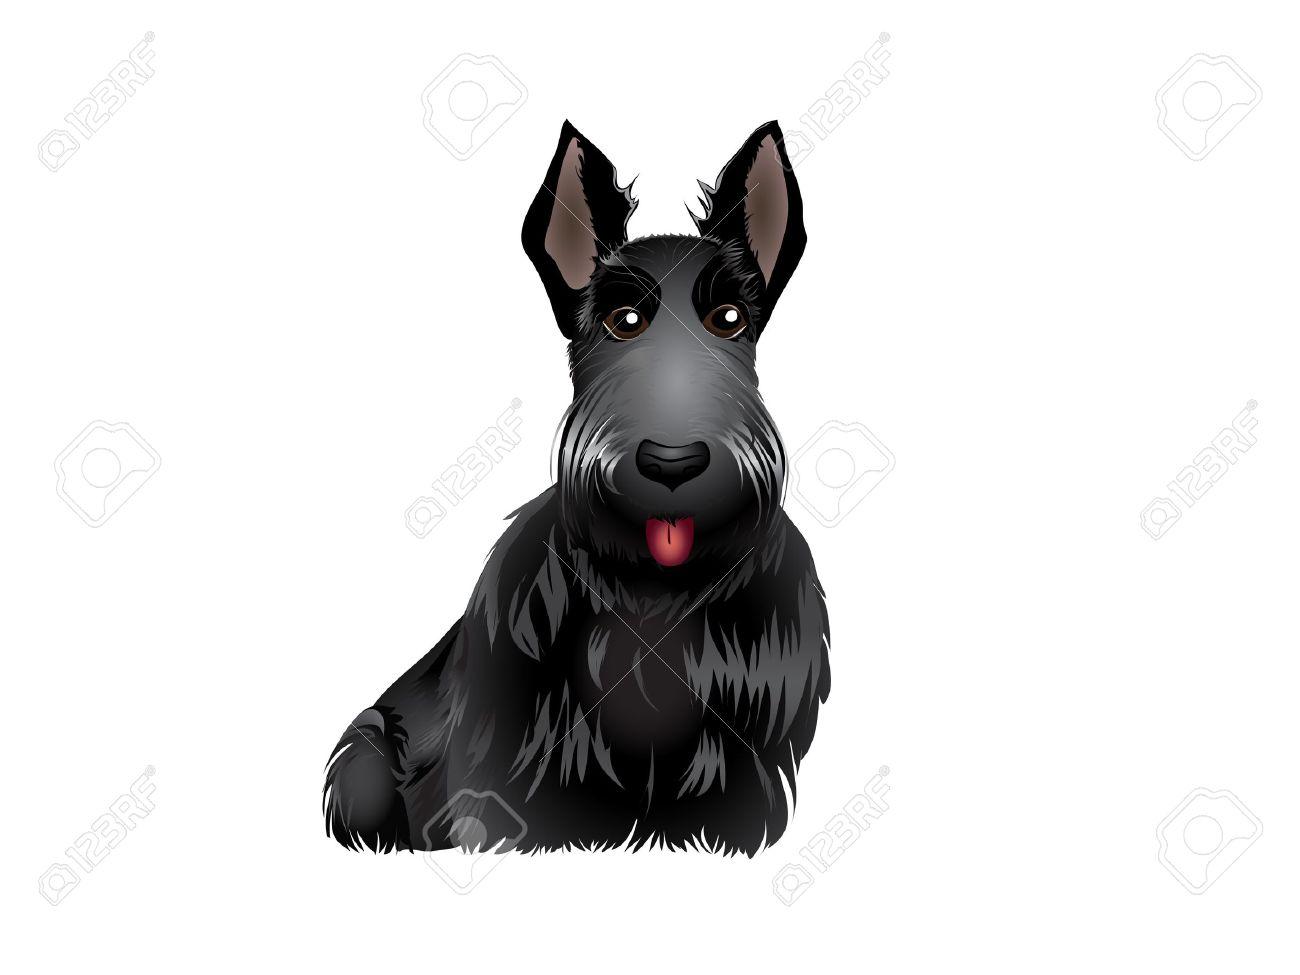 Black Scottish Terrier vector illustration eps 10 Stock Vector - 12351279